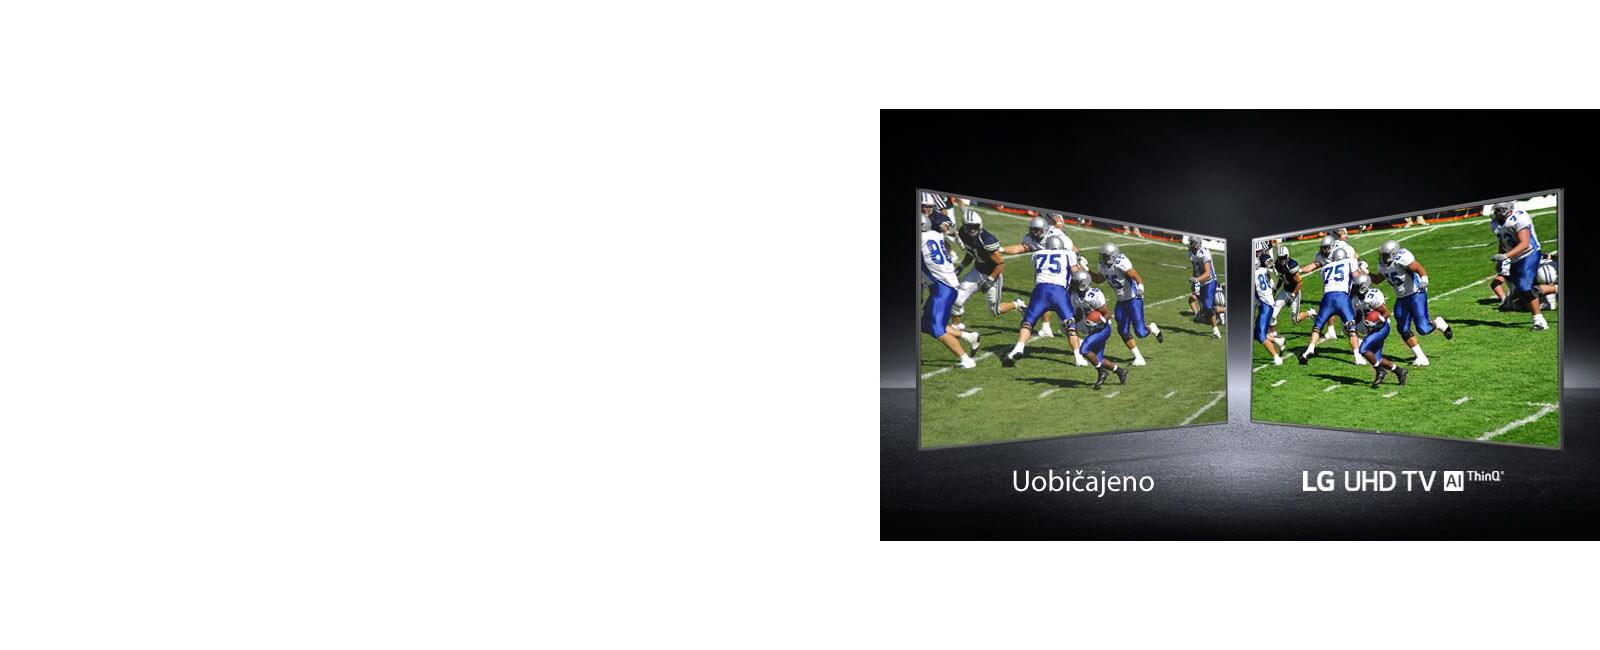 Slika igrača na nogometnom terenu prikazana iz različitih kutova. Jedna je prikazana na uobičajenom zaslonu, a jedna na televizoru UHD kvalitete.